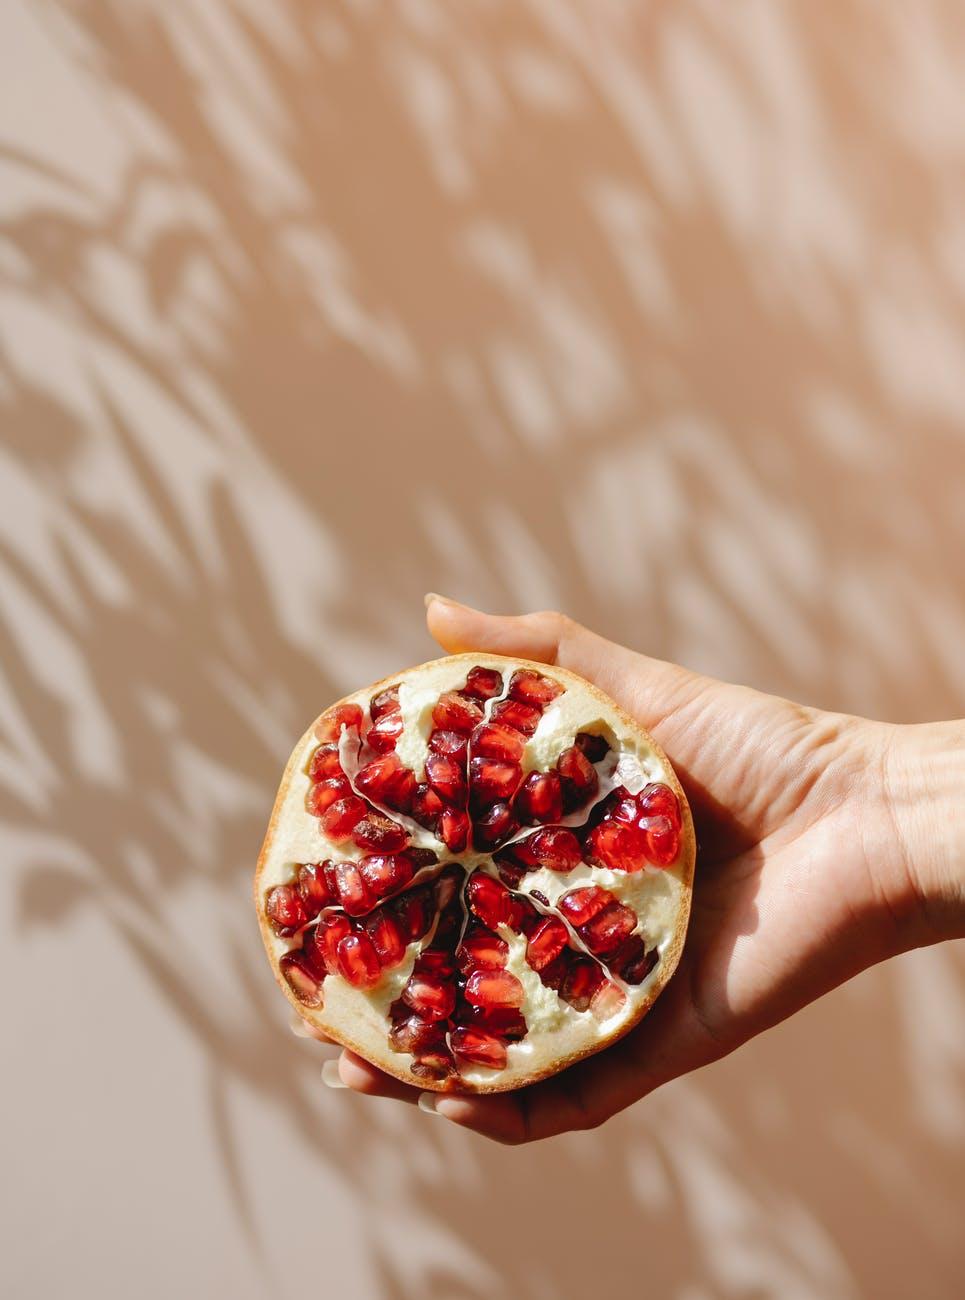 Lựu là thực phẩm ngăn ngừa lão hóa